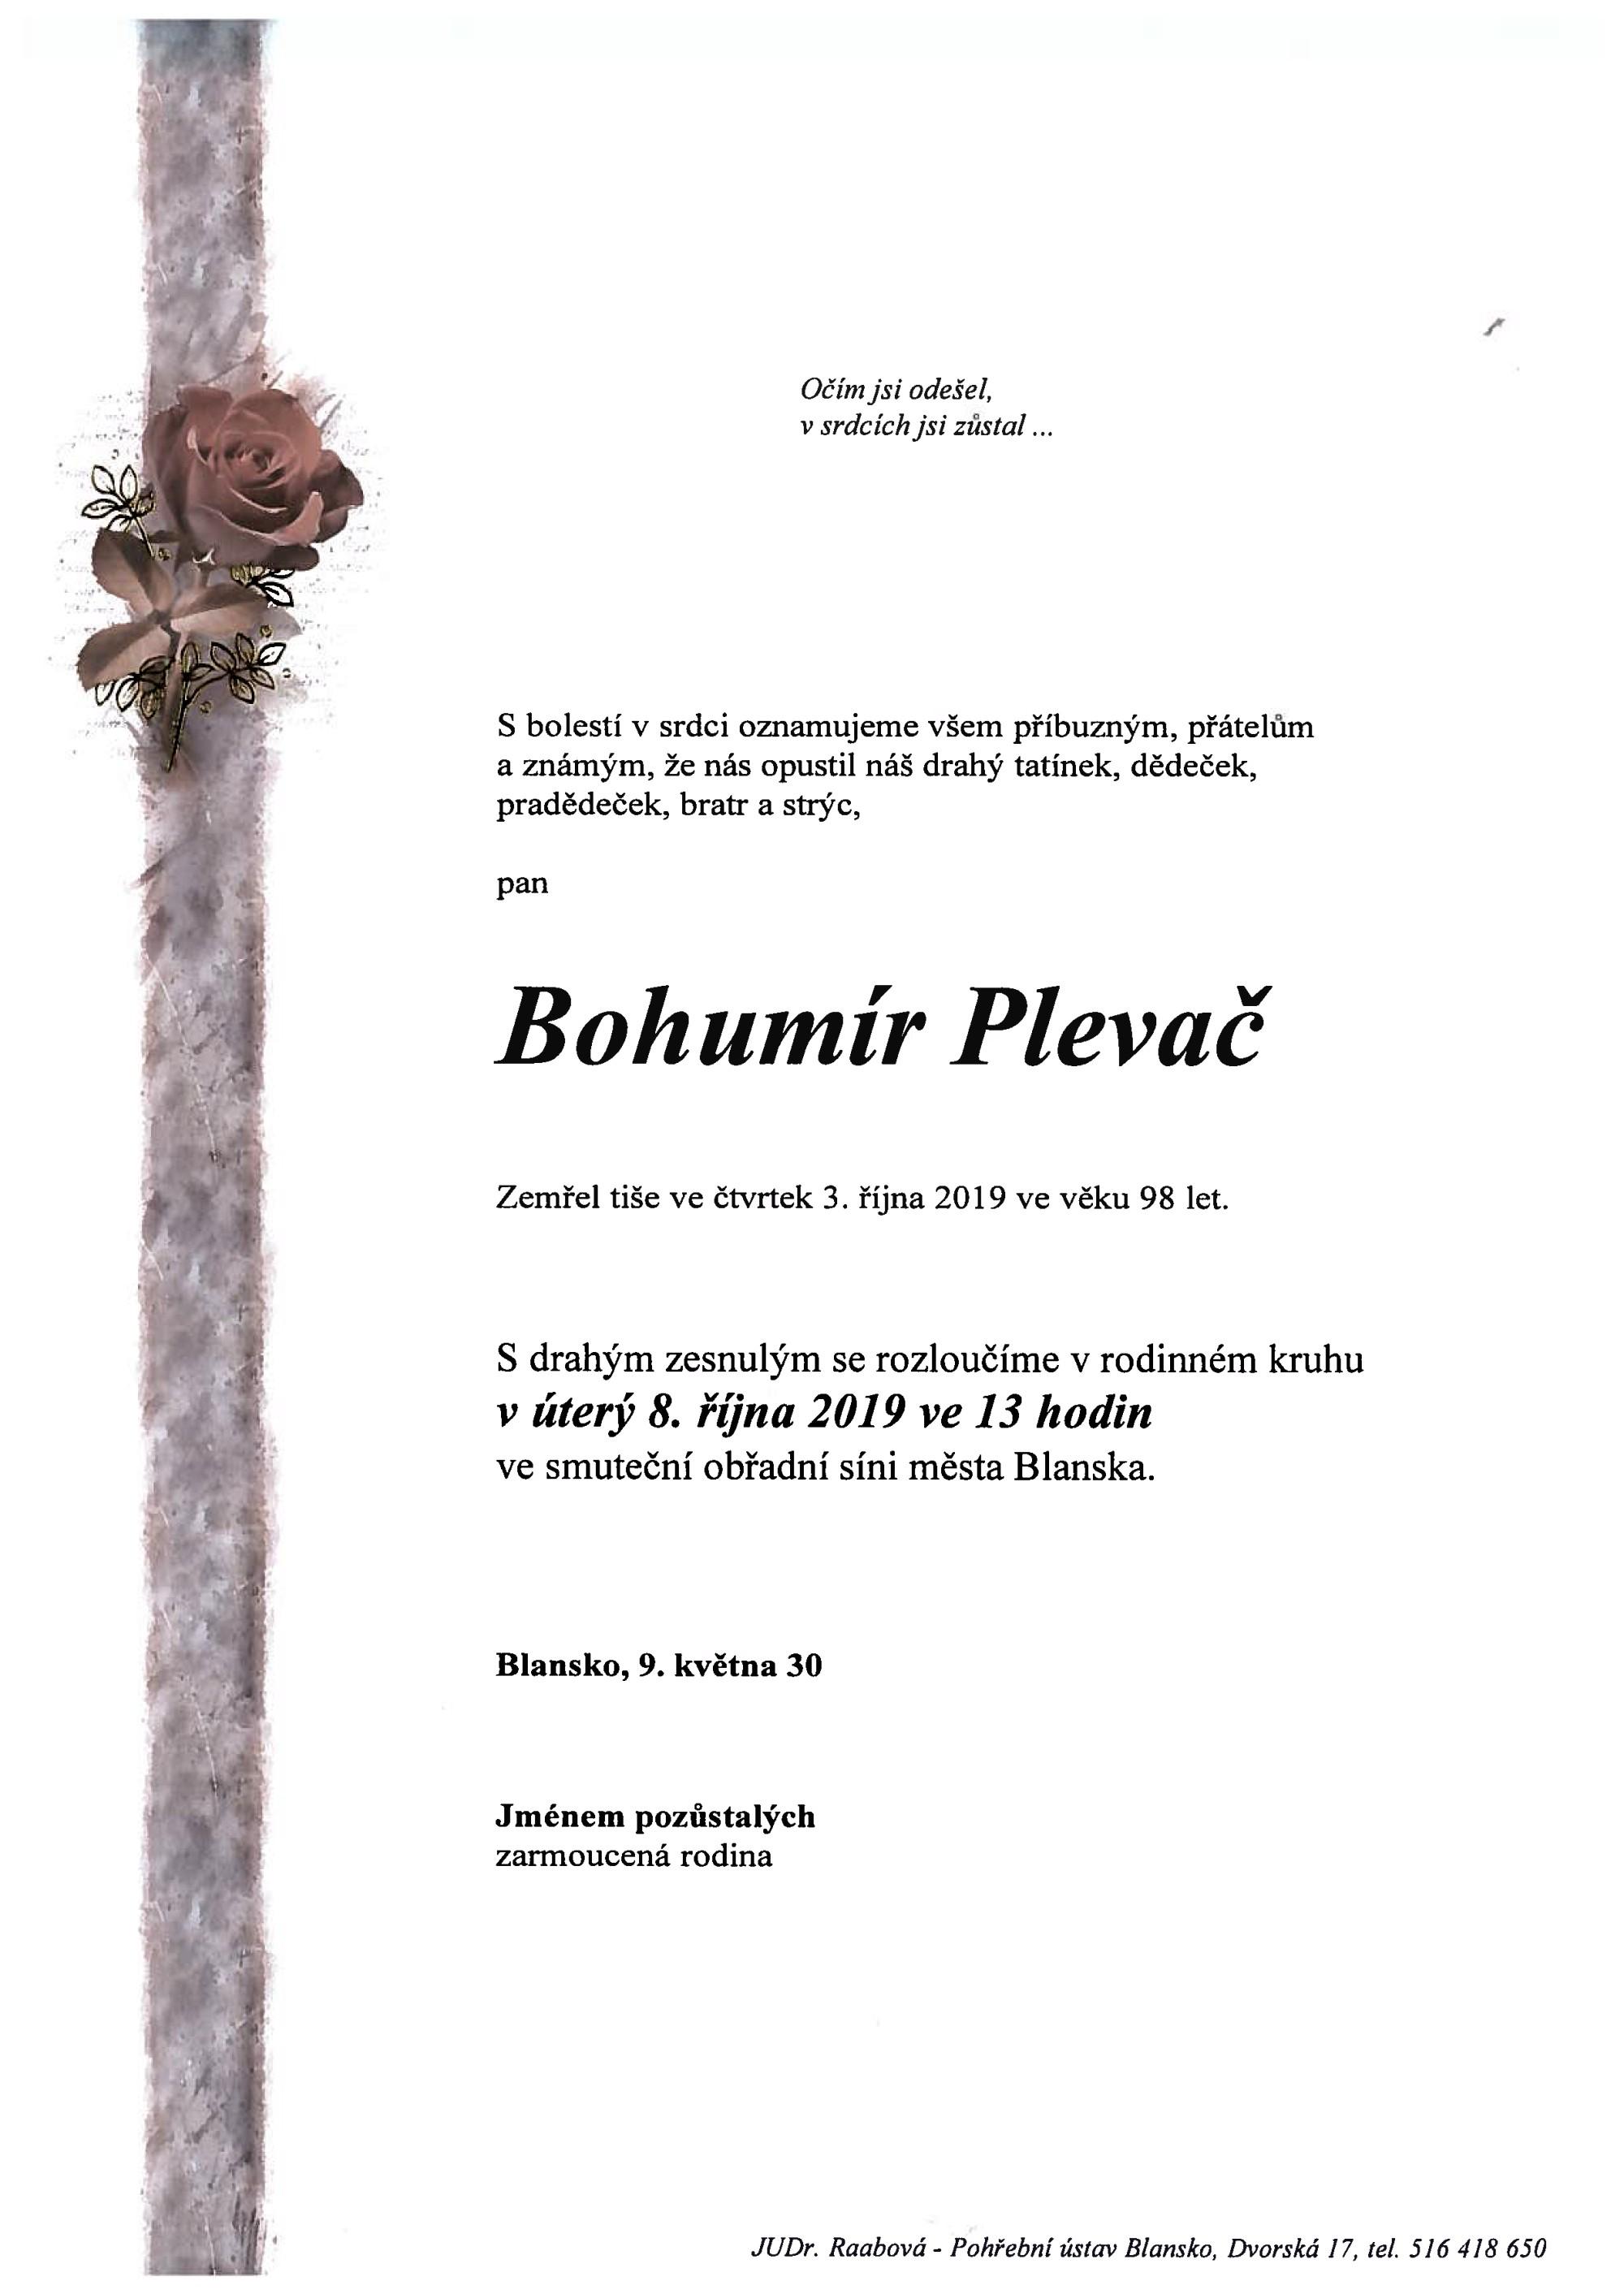 Bohumír Plevač